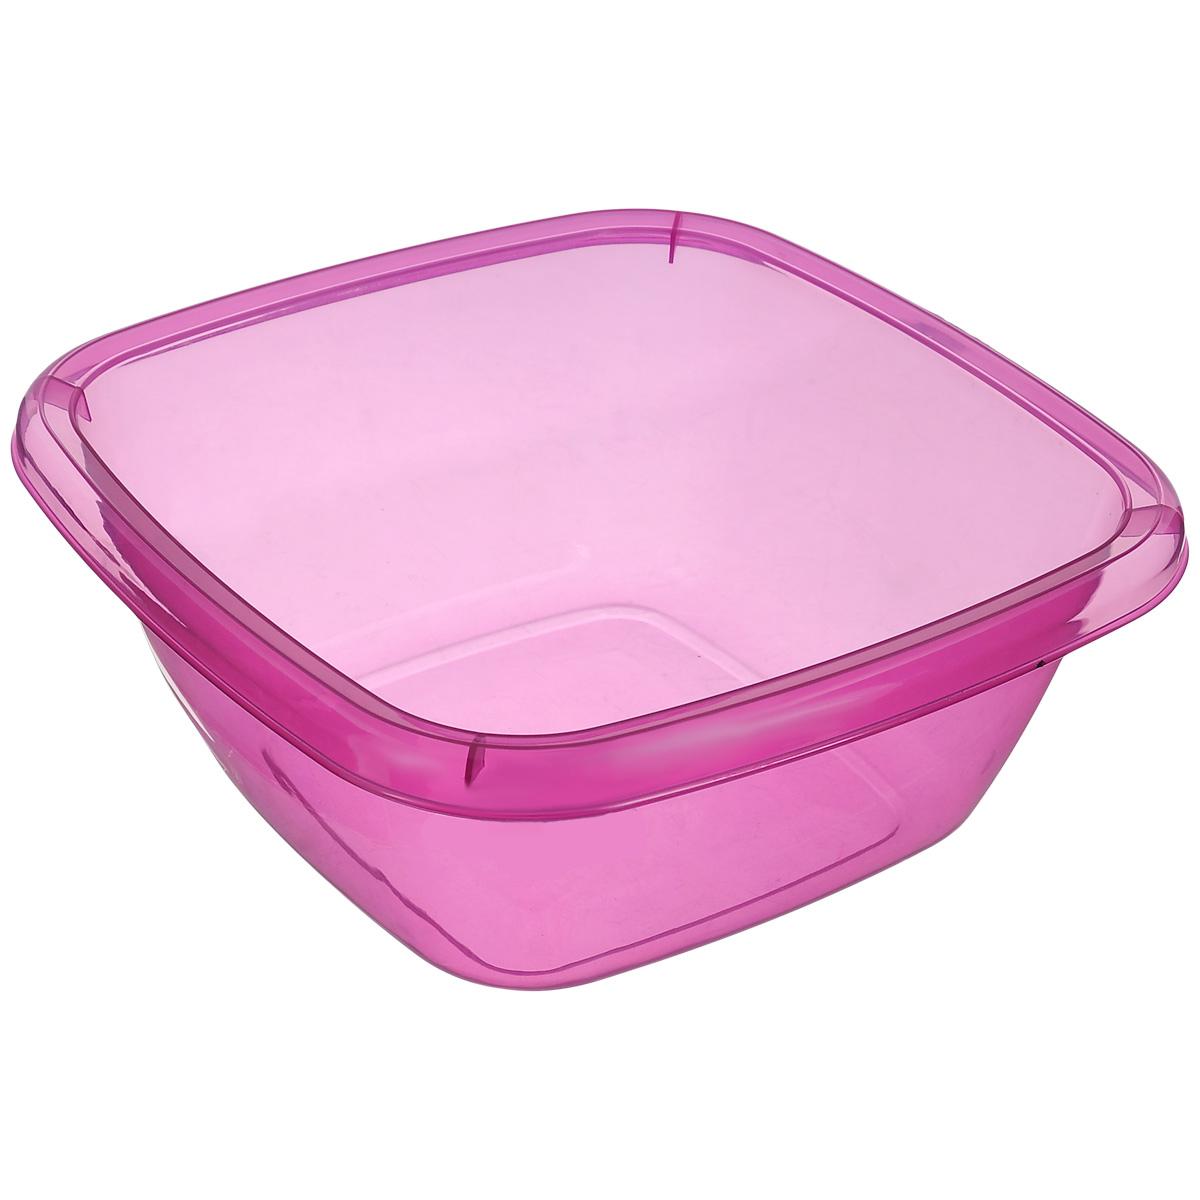 Миска Dunya Plastik, цвет: фиолетовый, 4 л10126_фиолетовыйМиска Dunya Plastik изготовлена из прозрачного пластика, имеет квадратную форму. Такая миска прекрасно подойдет для хранения овощей и фруктов, сервировки салатов и других продуктов. Объем: 4 л. Размер (по верхнему краю): 25 см х 25 см. Высота стенки: 10 см.